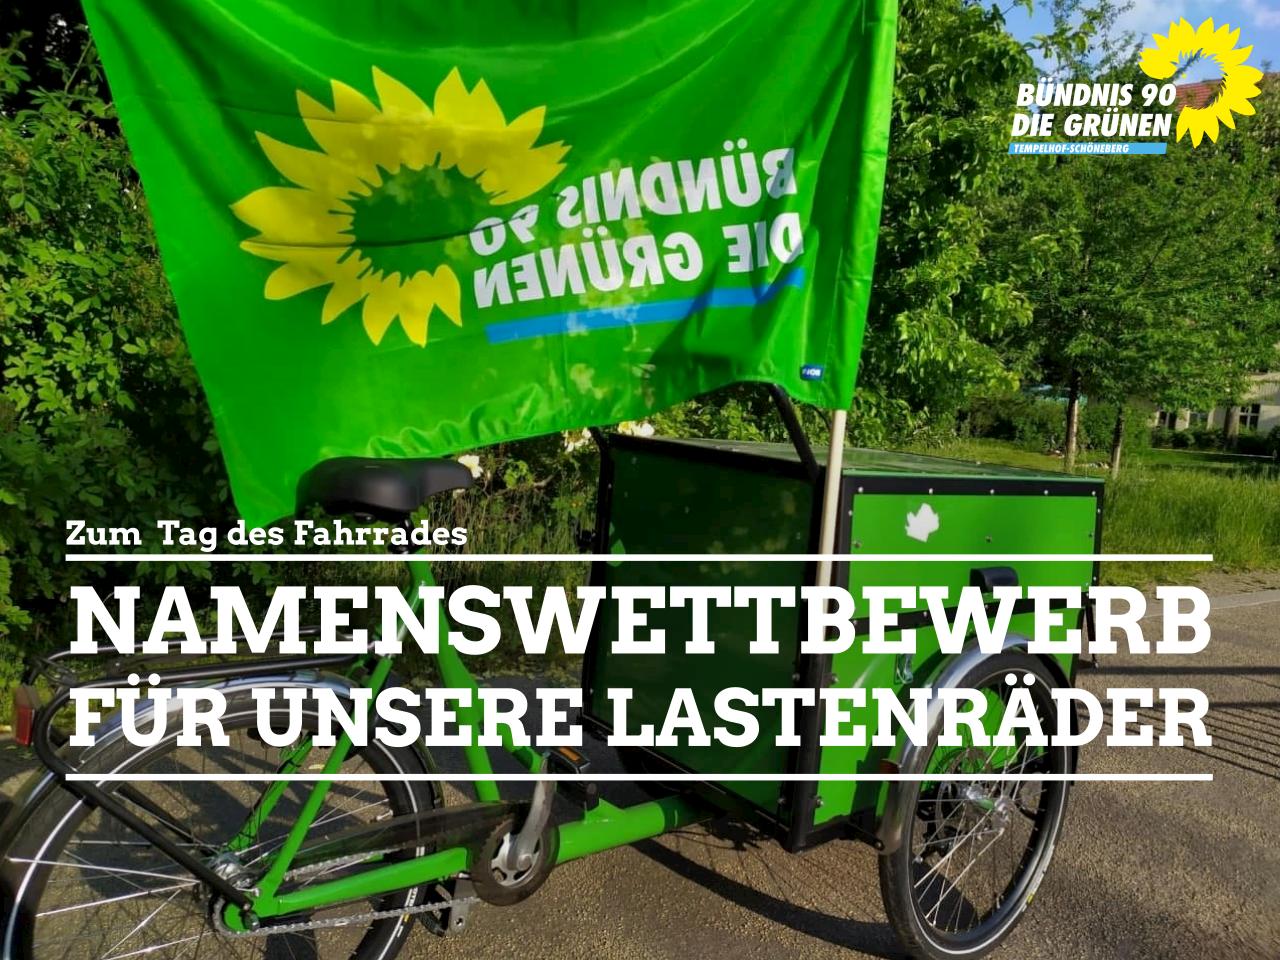 Namenswettbewerb: Wie sollen die neuen Lastenräder des Kreisverbandes KV Tempelhof-Schöneberg heißen?